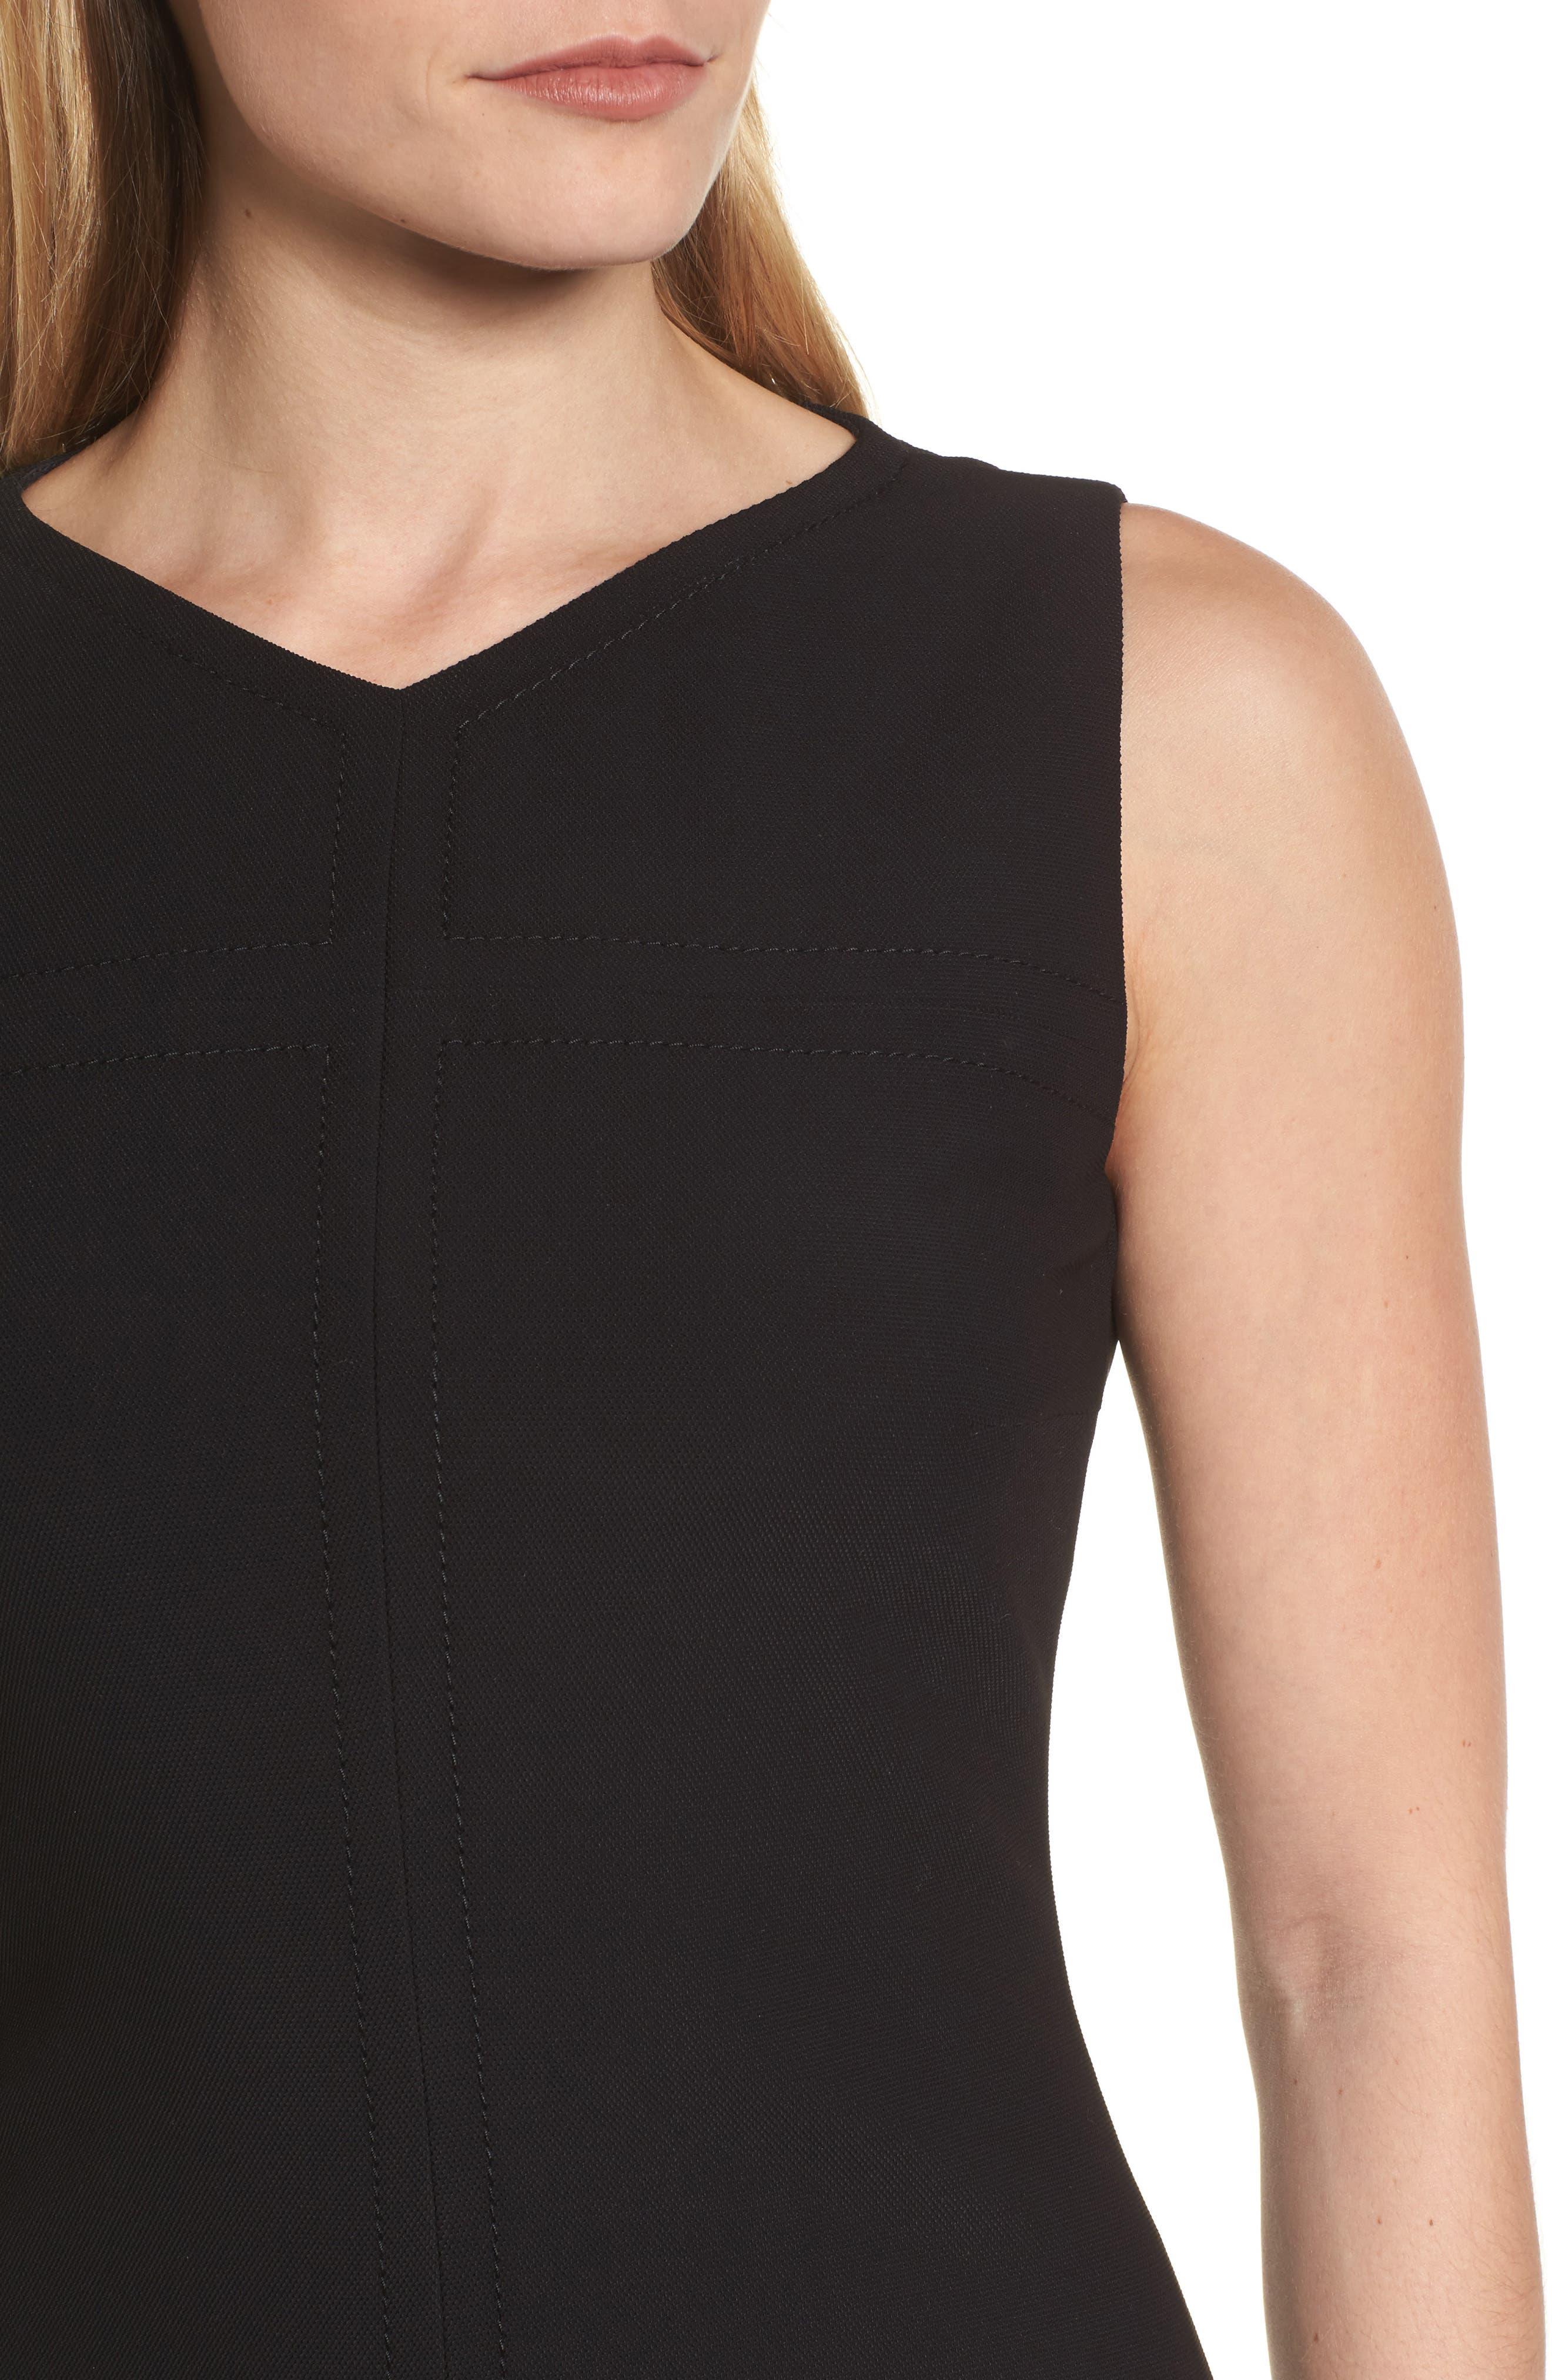 Dilamena Crepe Sheath Dress,                             Alternate thumbnail 4, color,                             Black